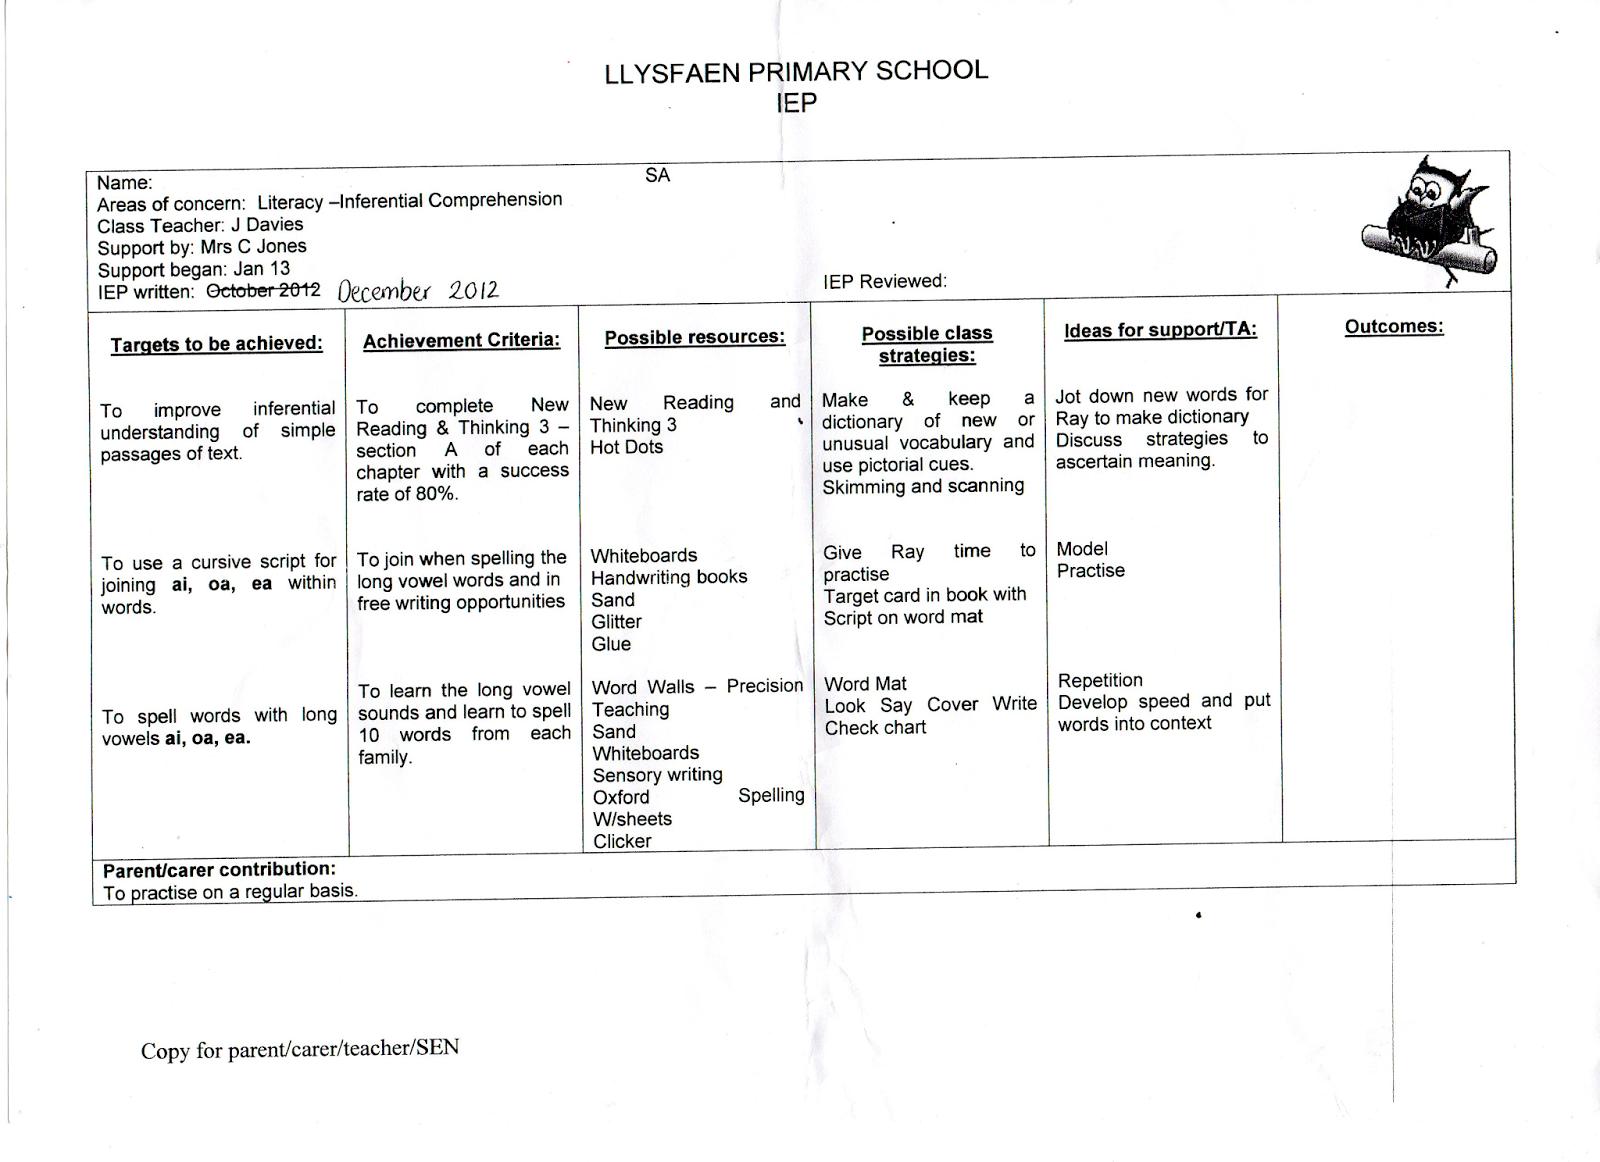 イギリスの教育制度 特別支援 教育計画表(IEP)